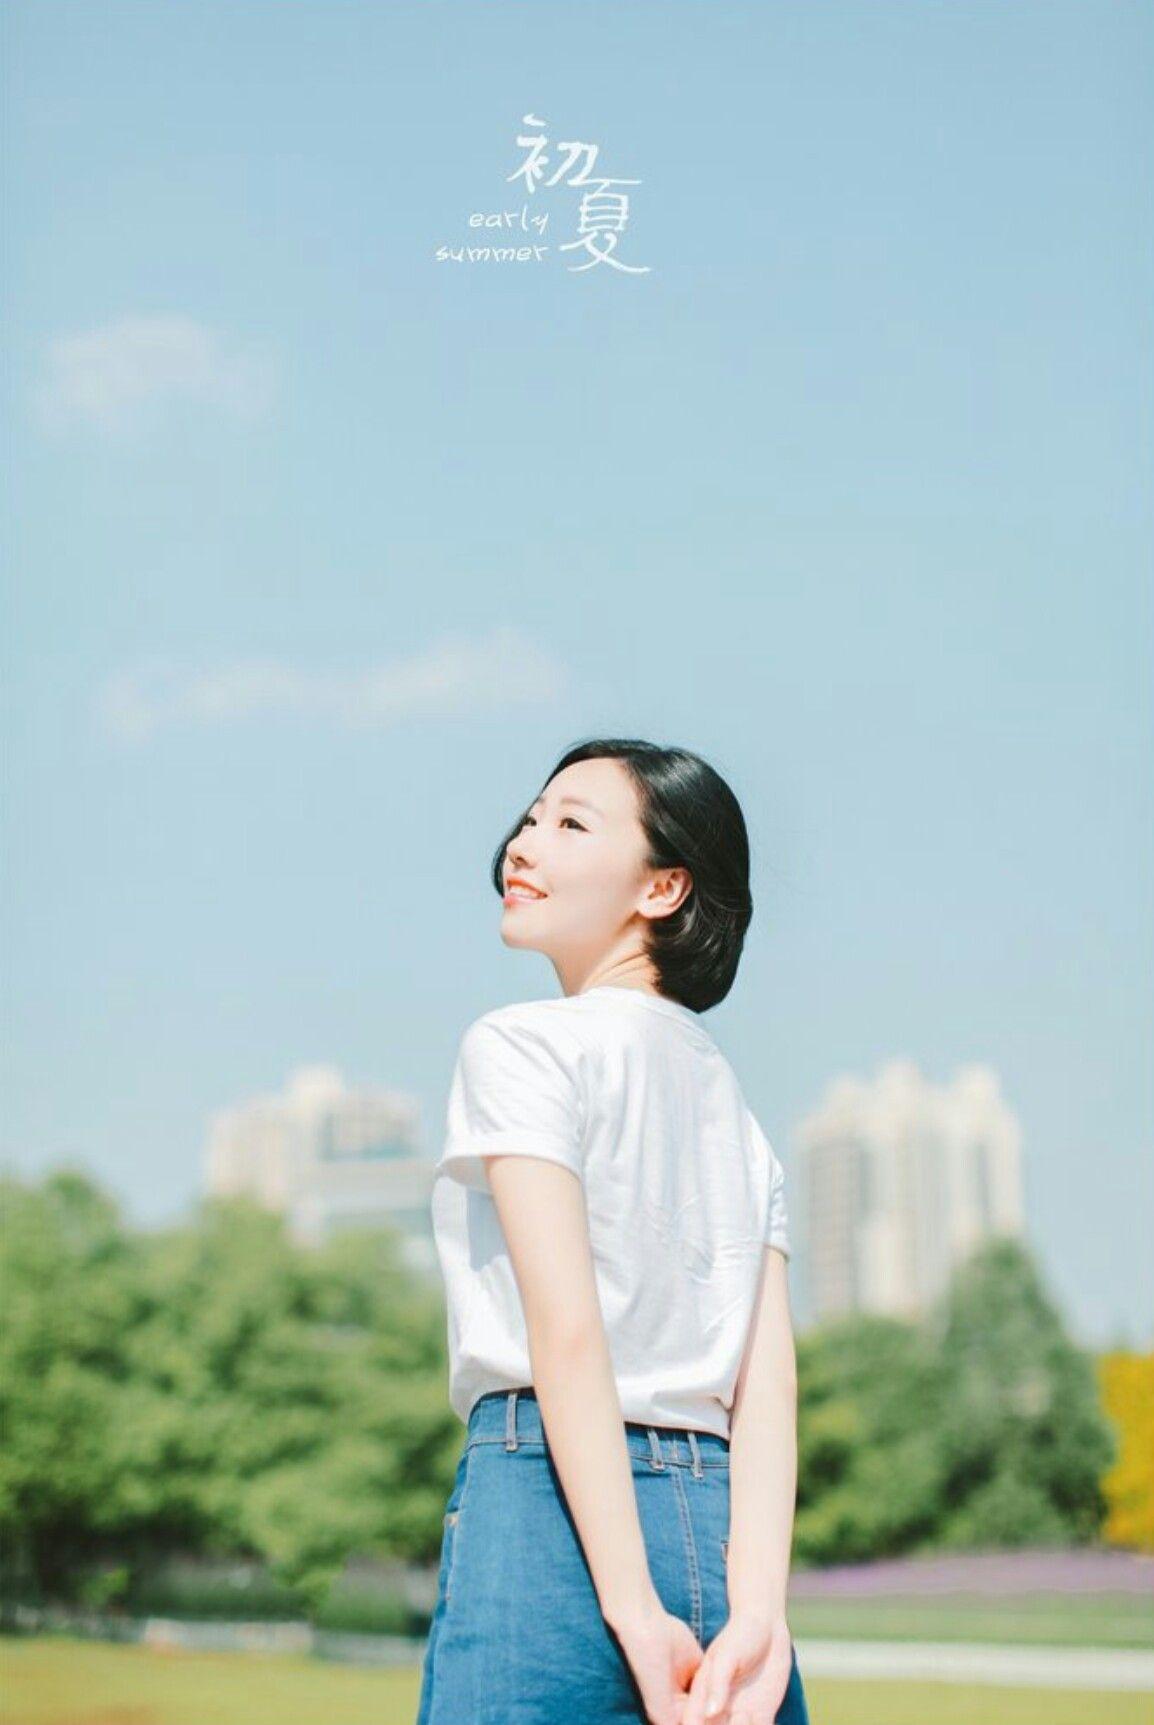 ปักพินโดย Jia Jia ใน Portrait photography 小清新人像